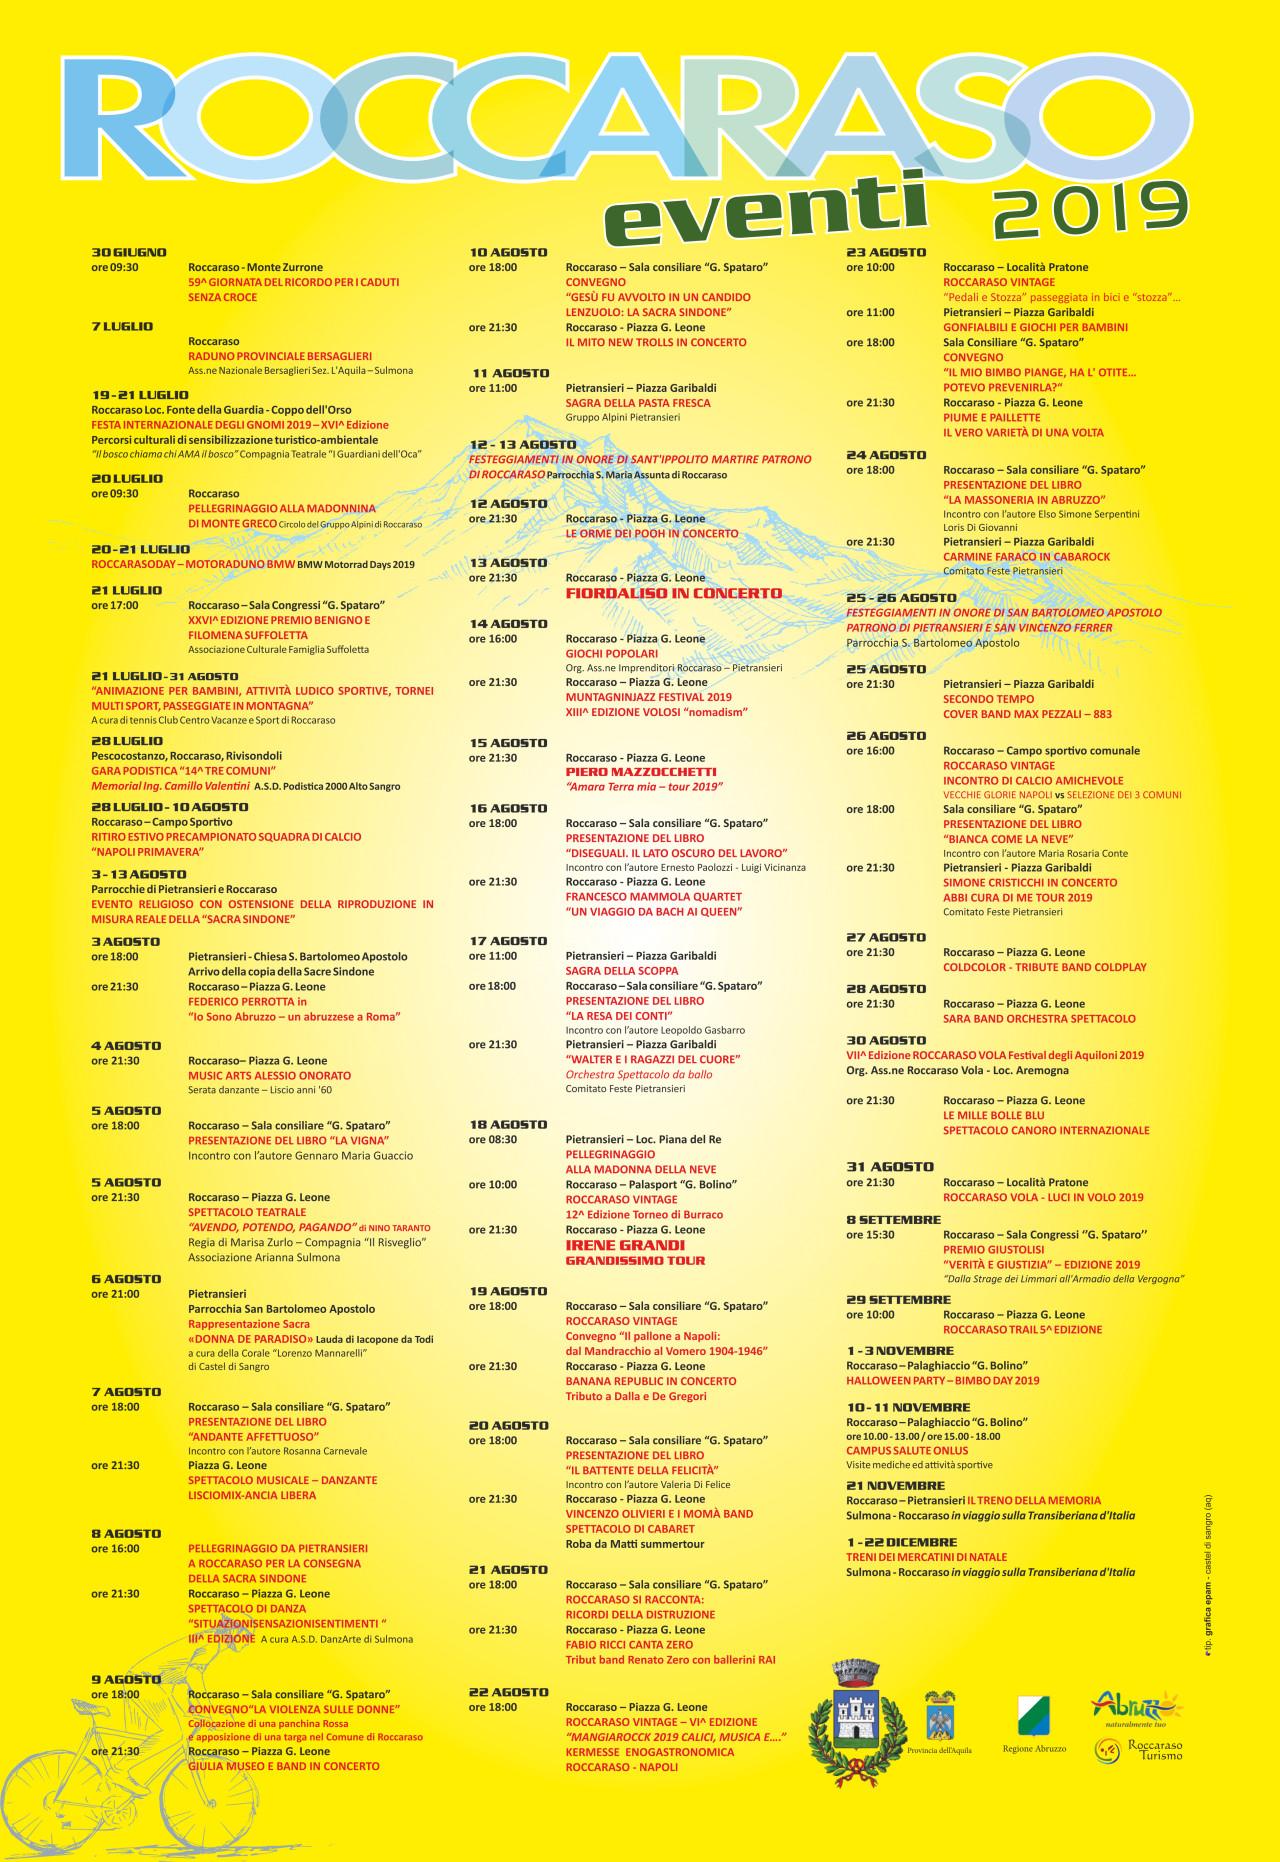 Programma Eventi 2019 - Roccaraso